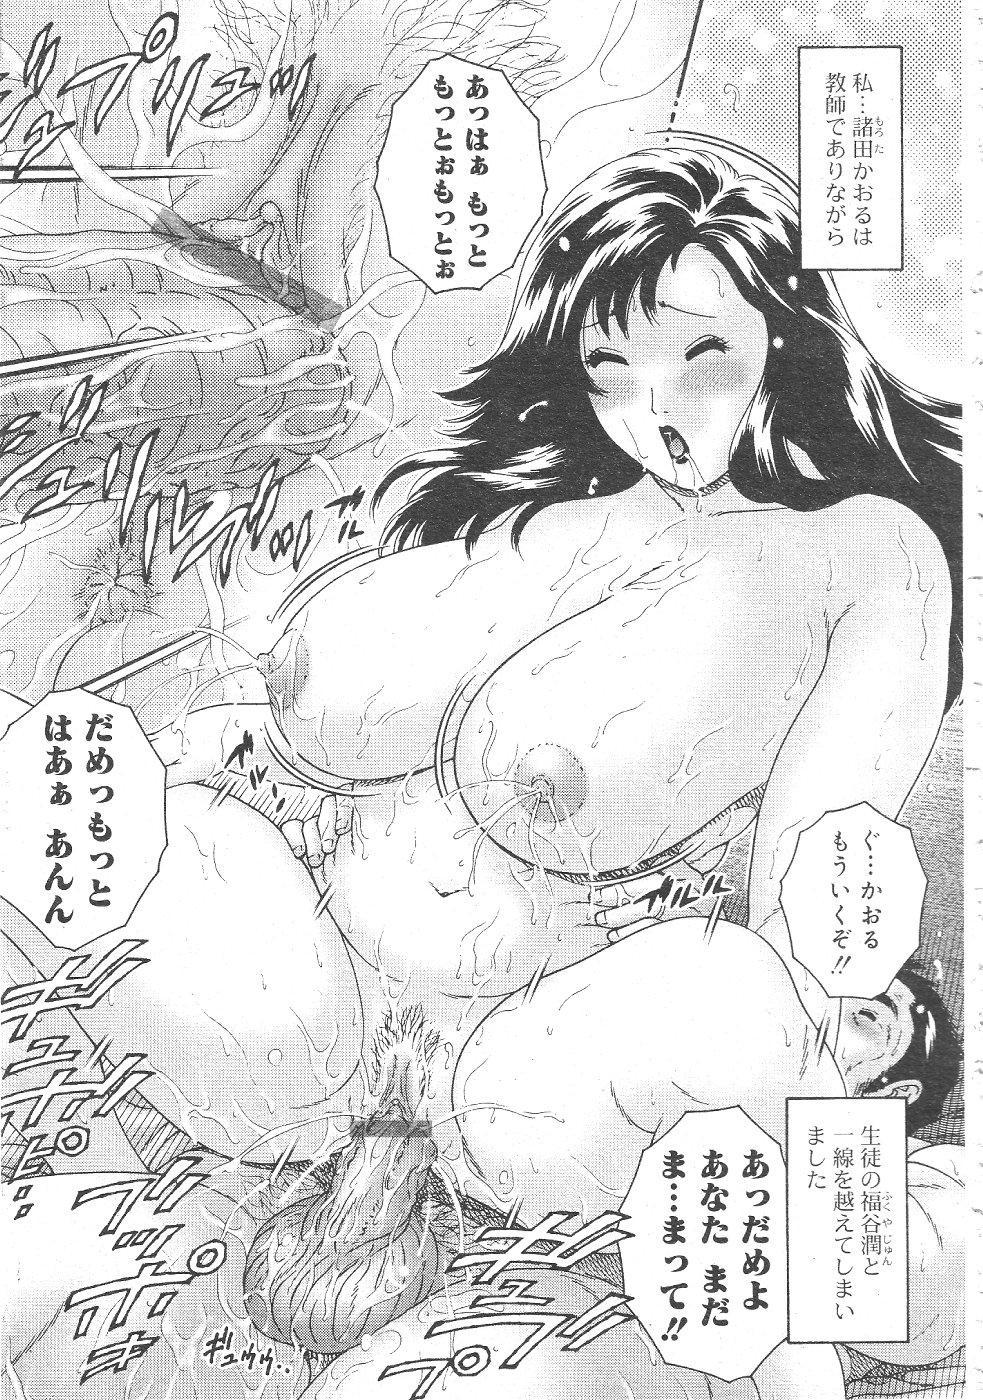 Gekkan Comic Muga 2004-06 Vol.10 186